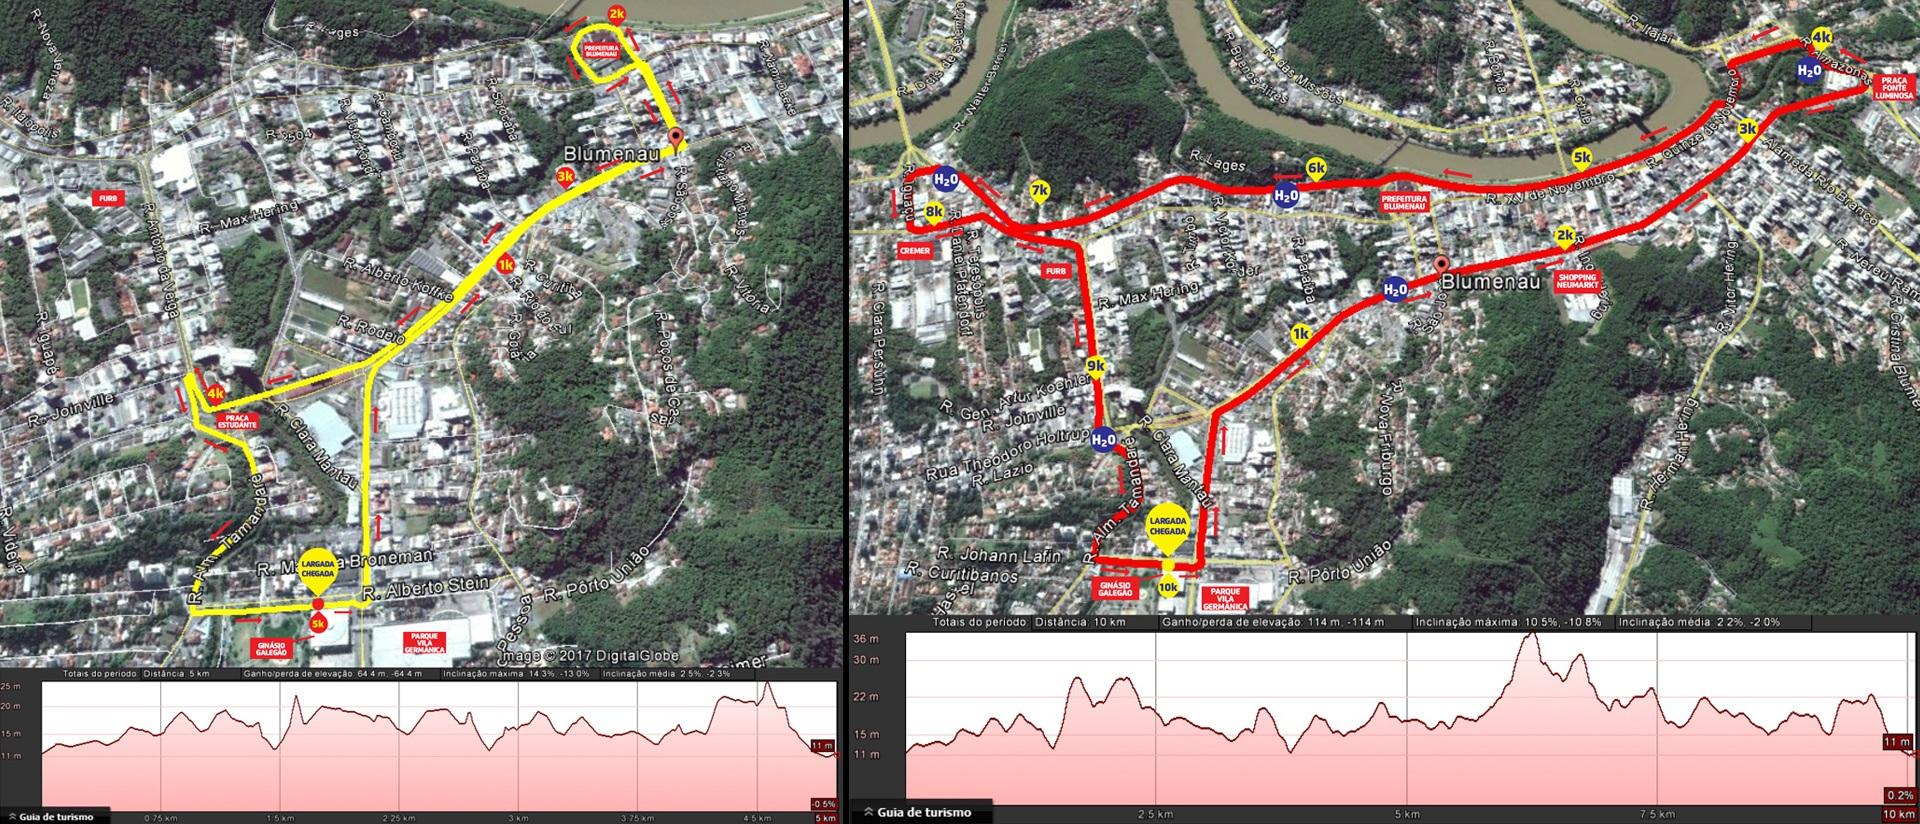 Circuito Unimed : Vale do esporte u e etapa blumenau do circuito unimed de corridas